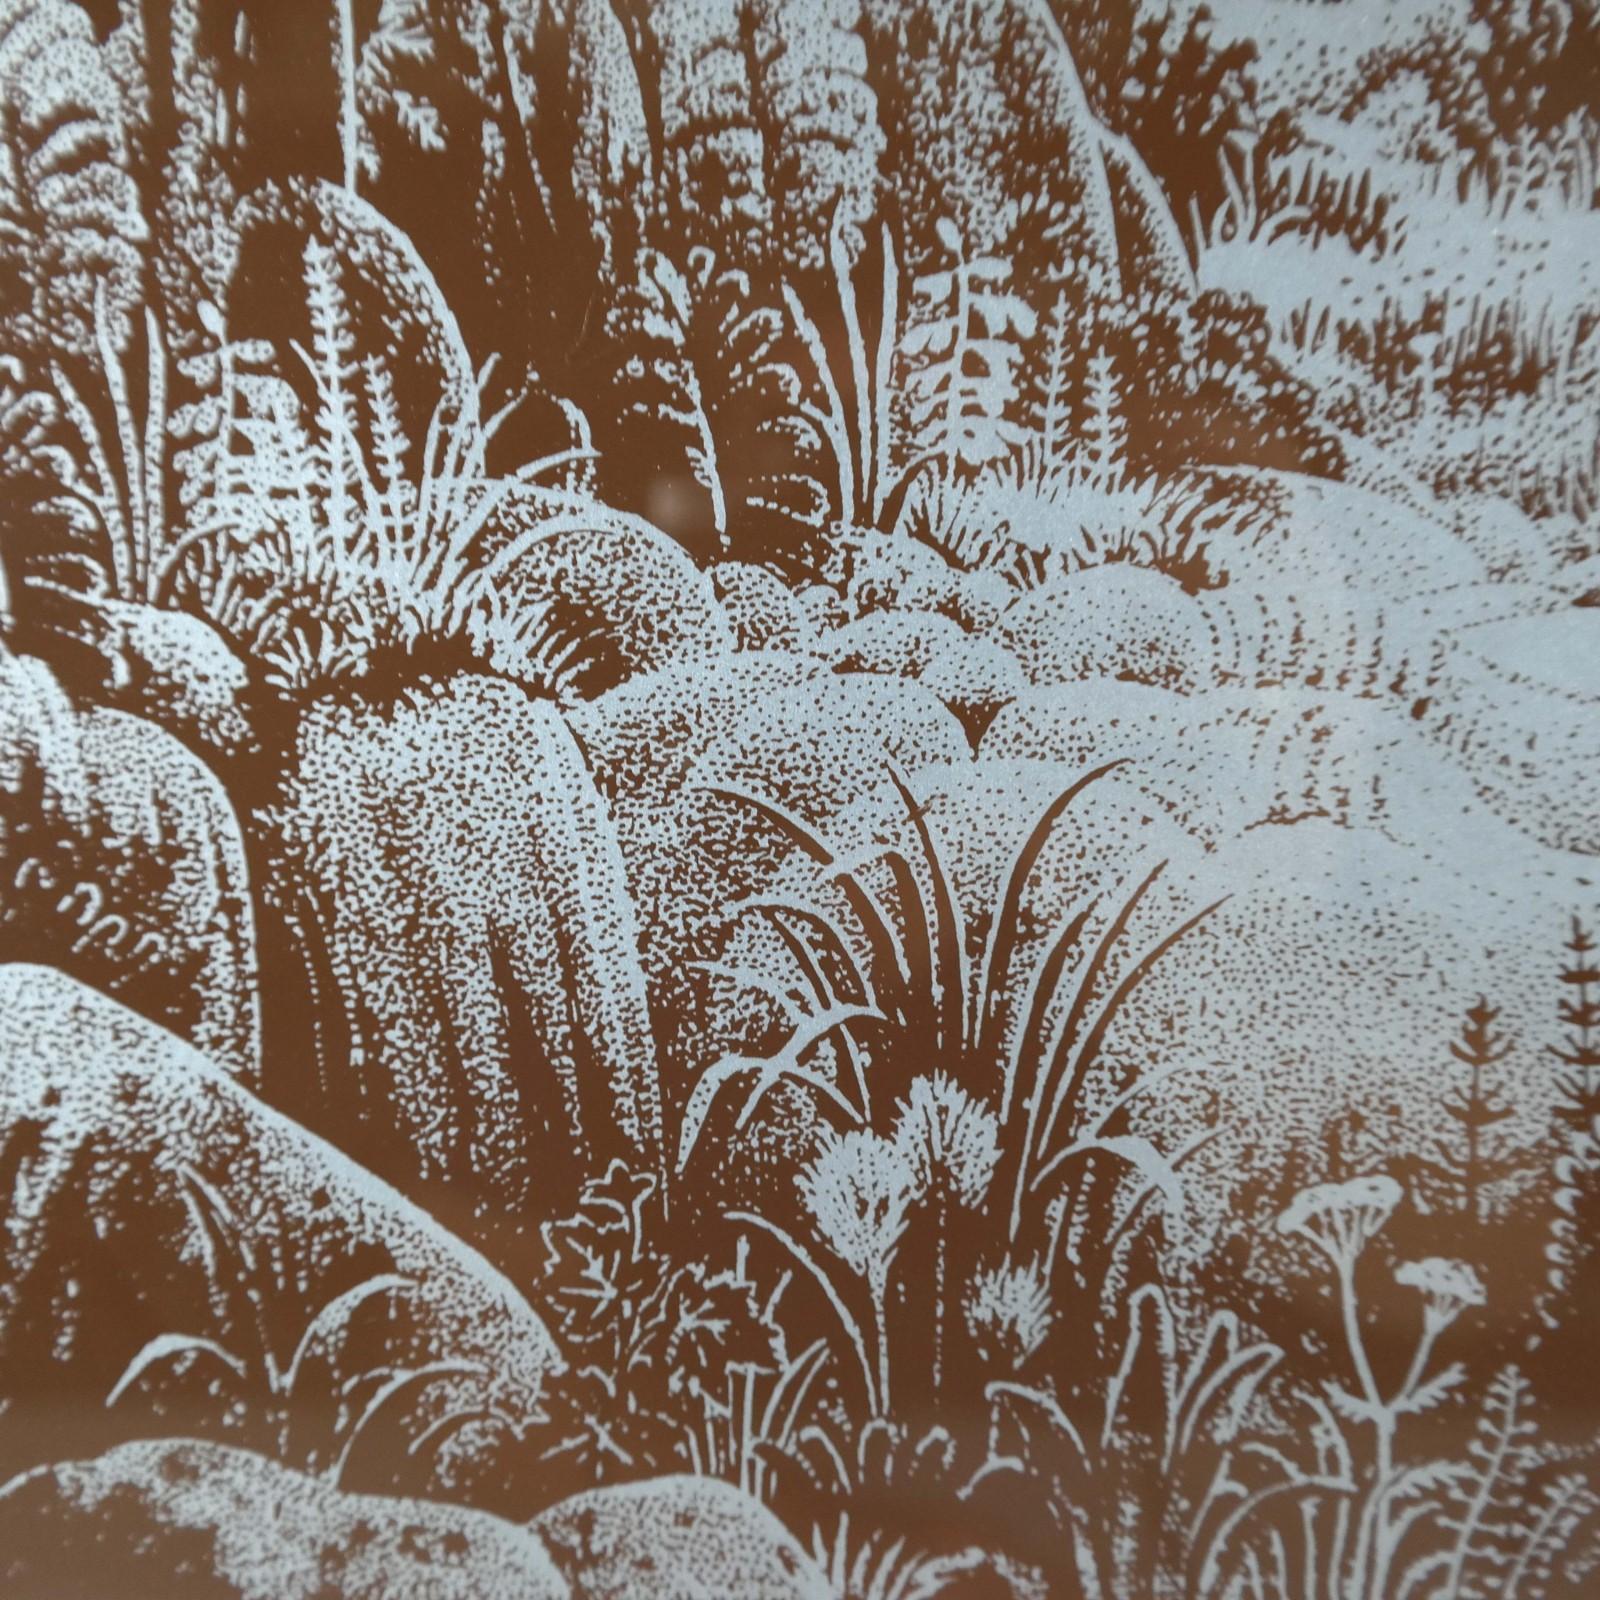 Jos Muris (1936-1984) – Grot in zomerlandschap